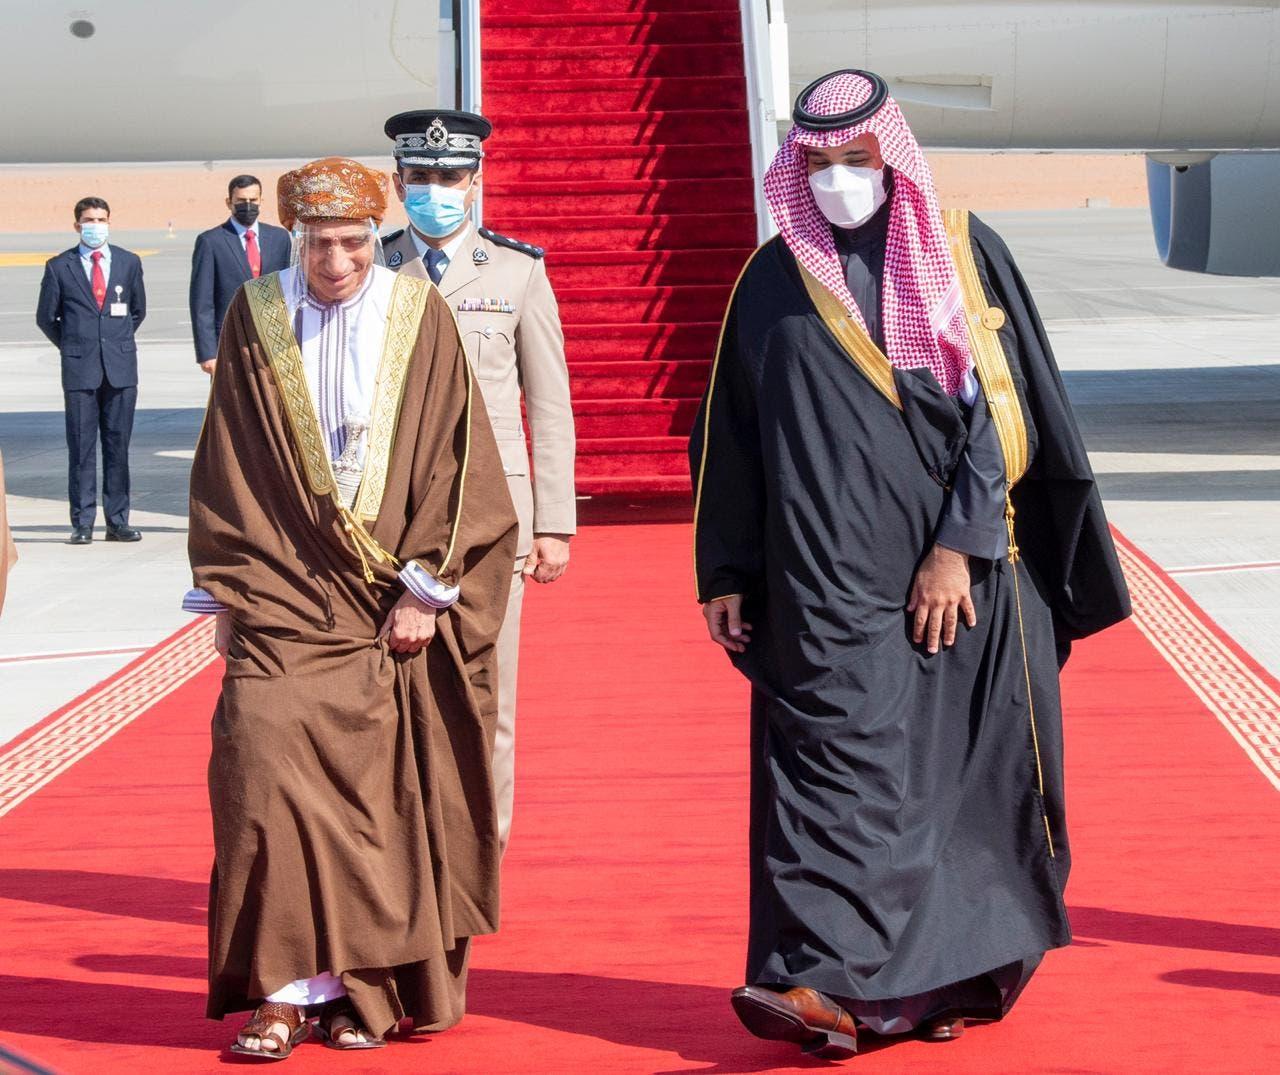 وصول نائب رئيس مجلس الوزراء لشؤون مجلس الوزراء بسلطنة عمان